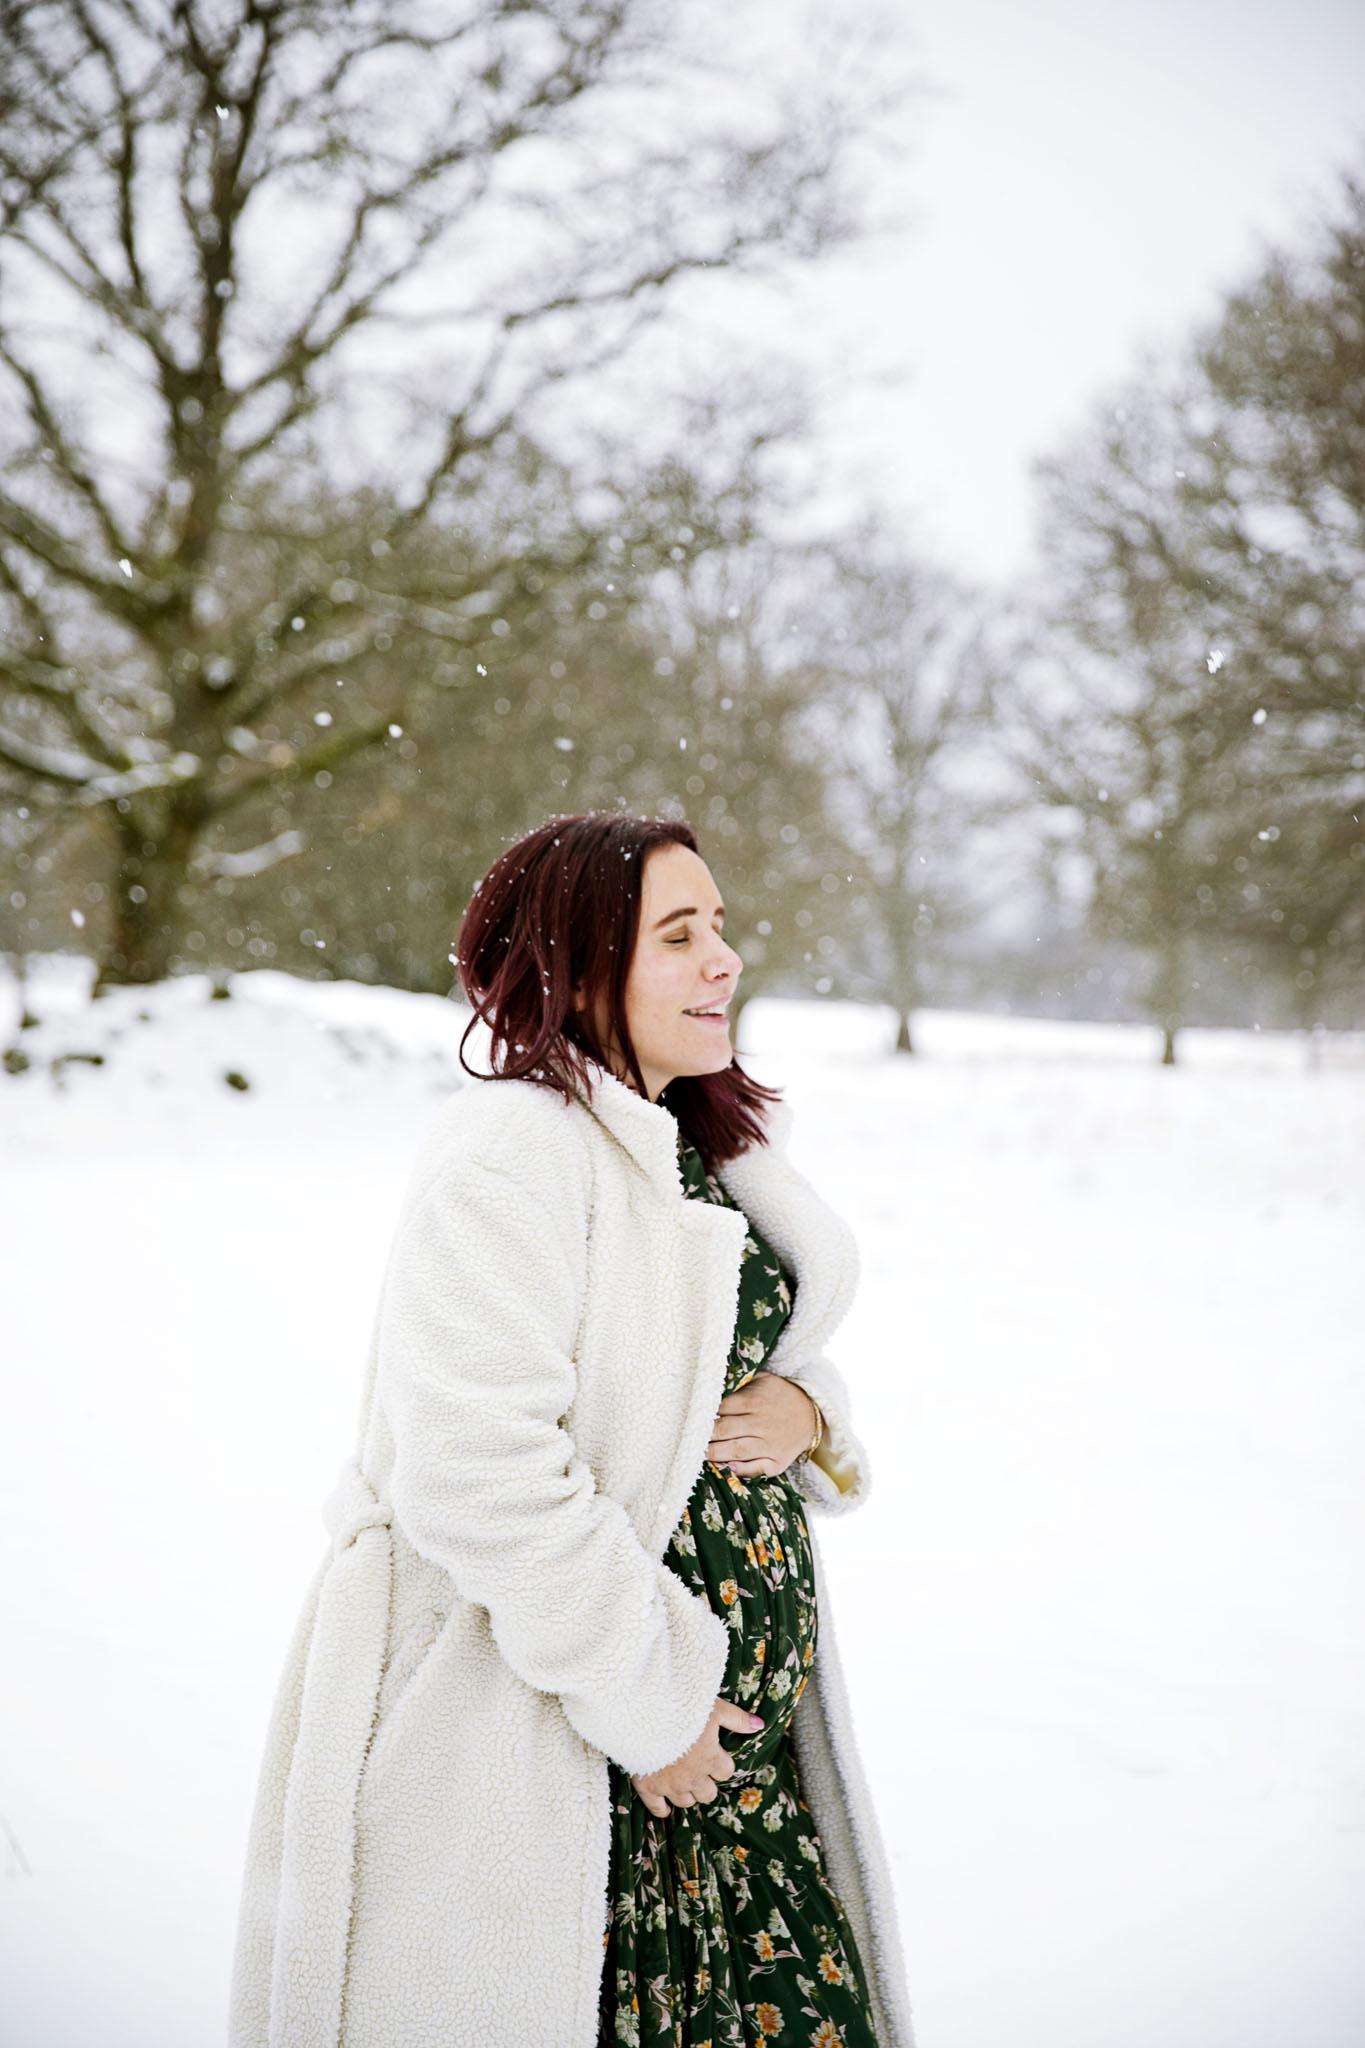 Fotograf emy har specialiserat sig på att fotografera gravida i Halmstad och laholm